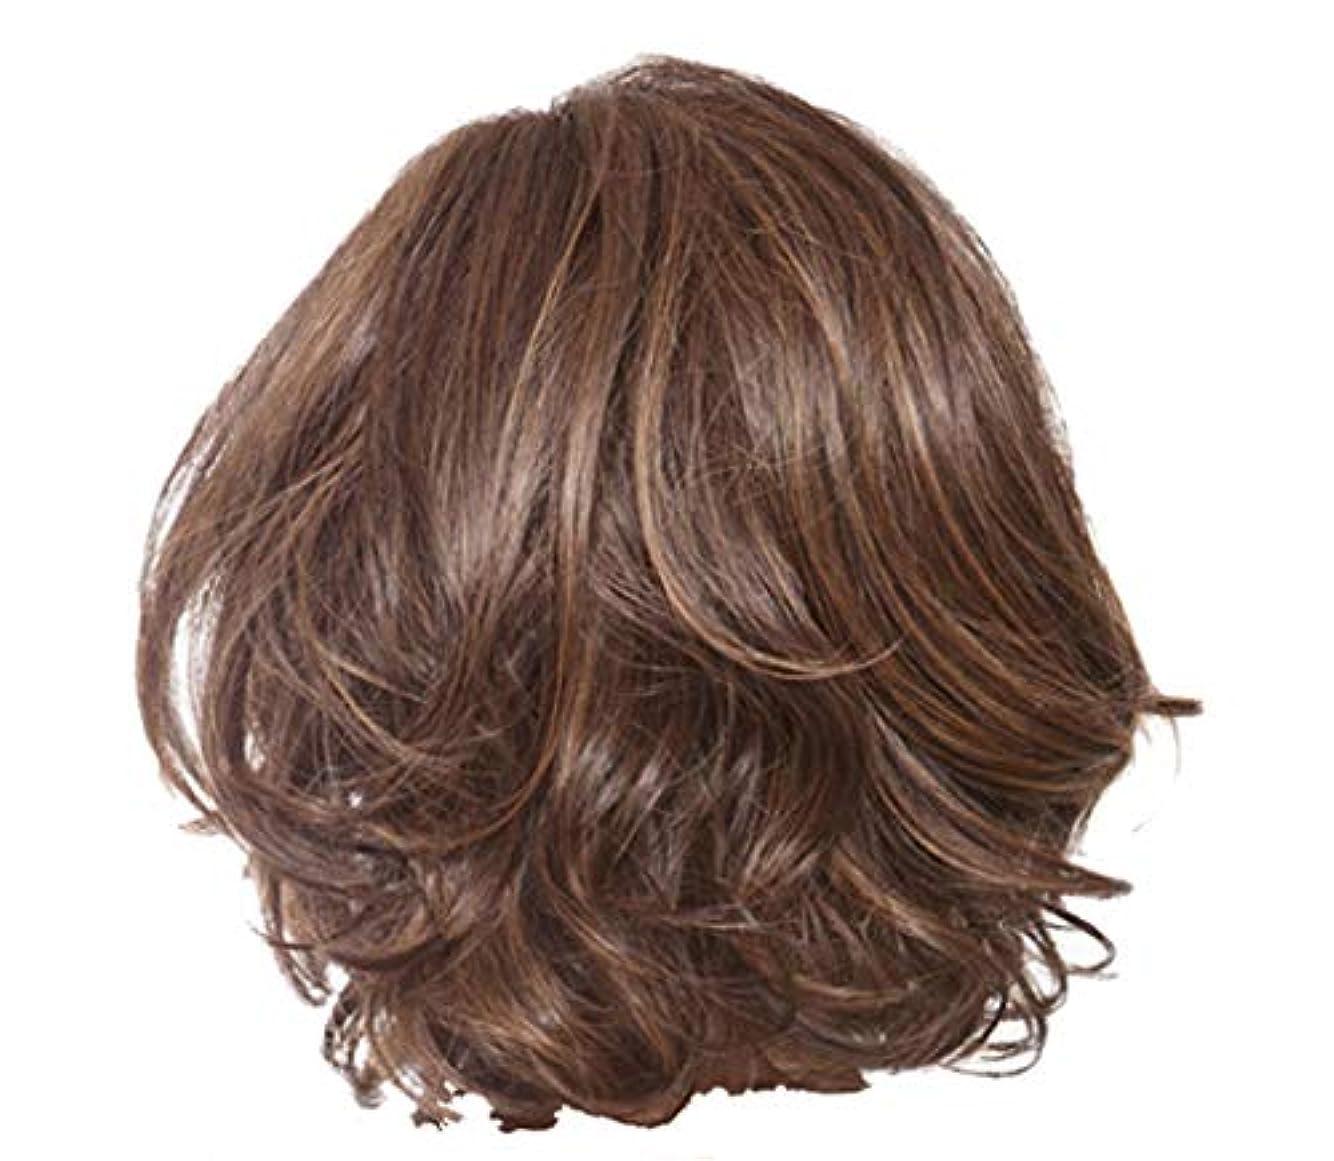 行為返済以来ウィッグ女性のセクシーな短い巻き毛のかつらクールなハンサムなかつら36 cm